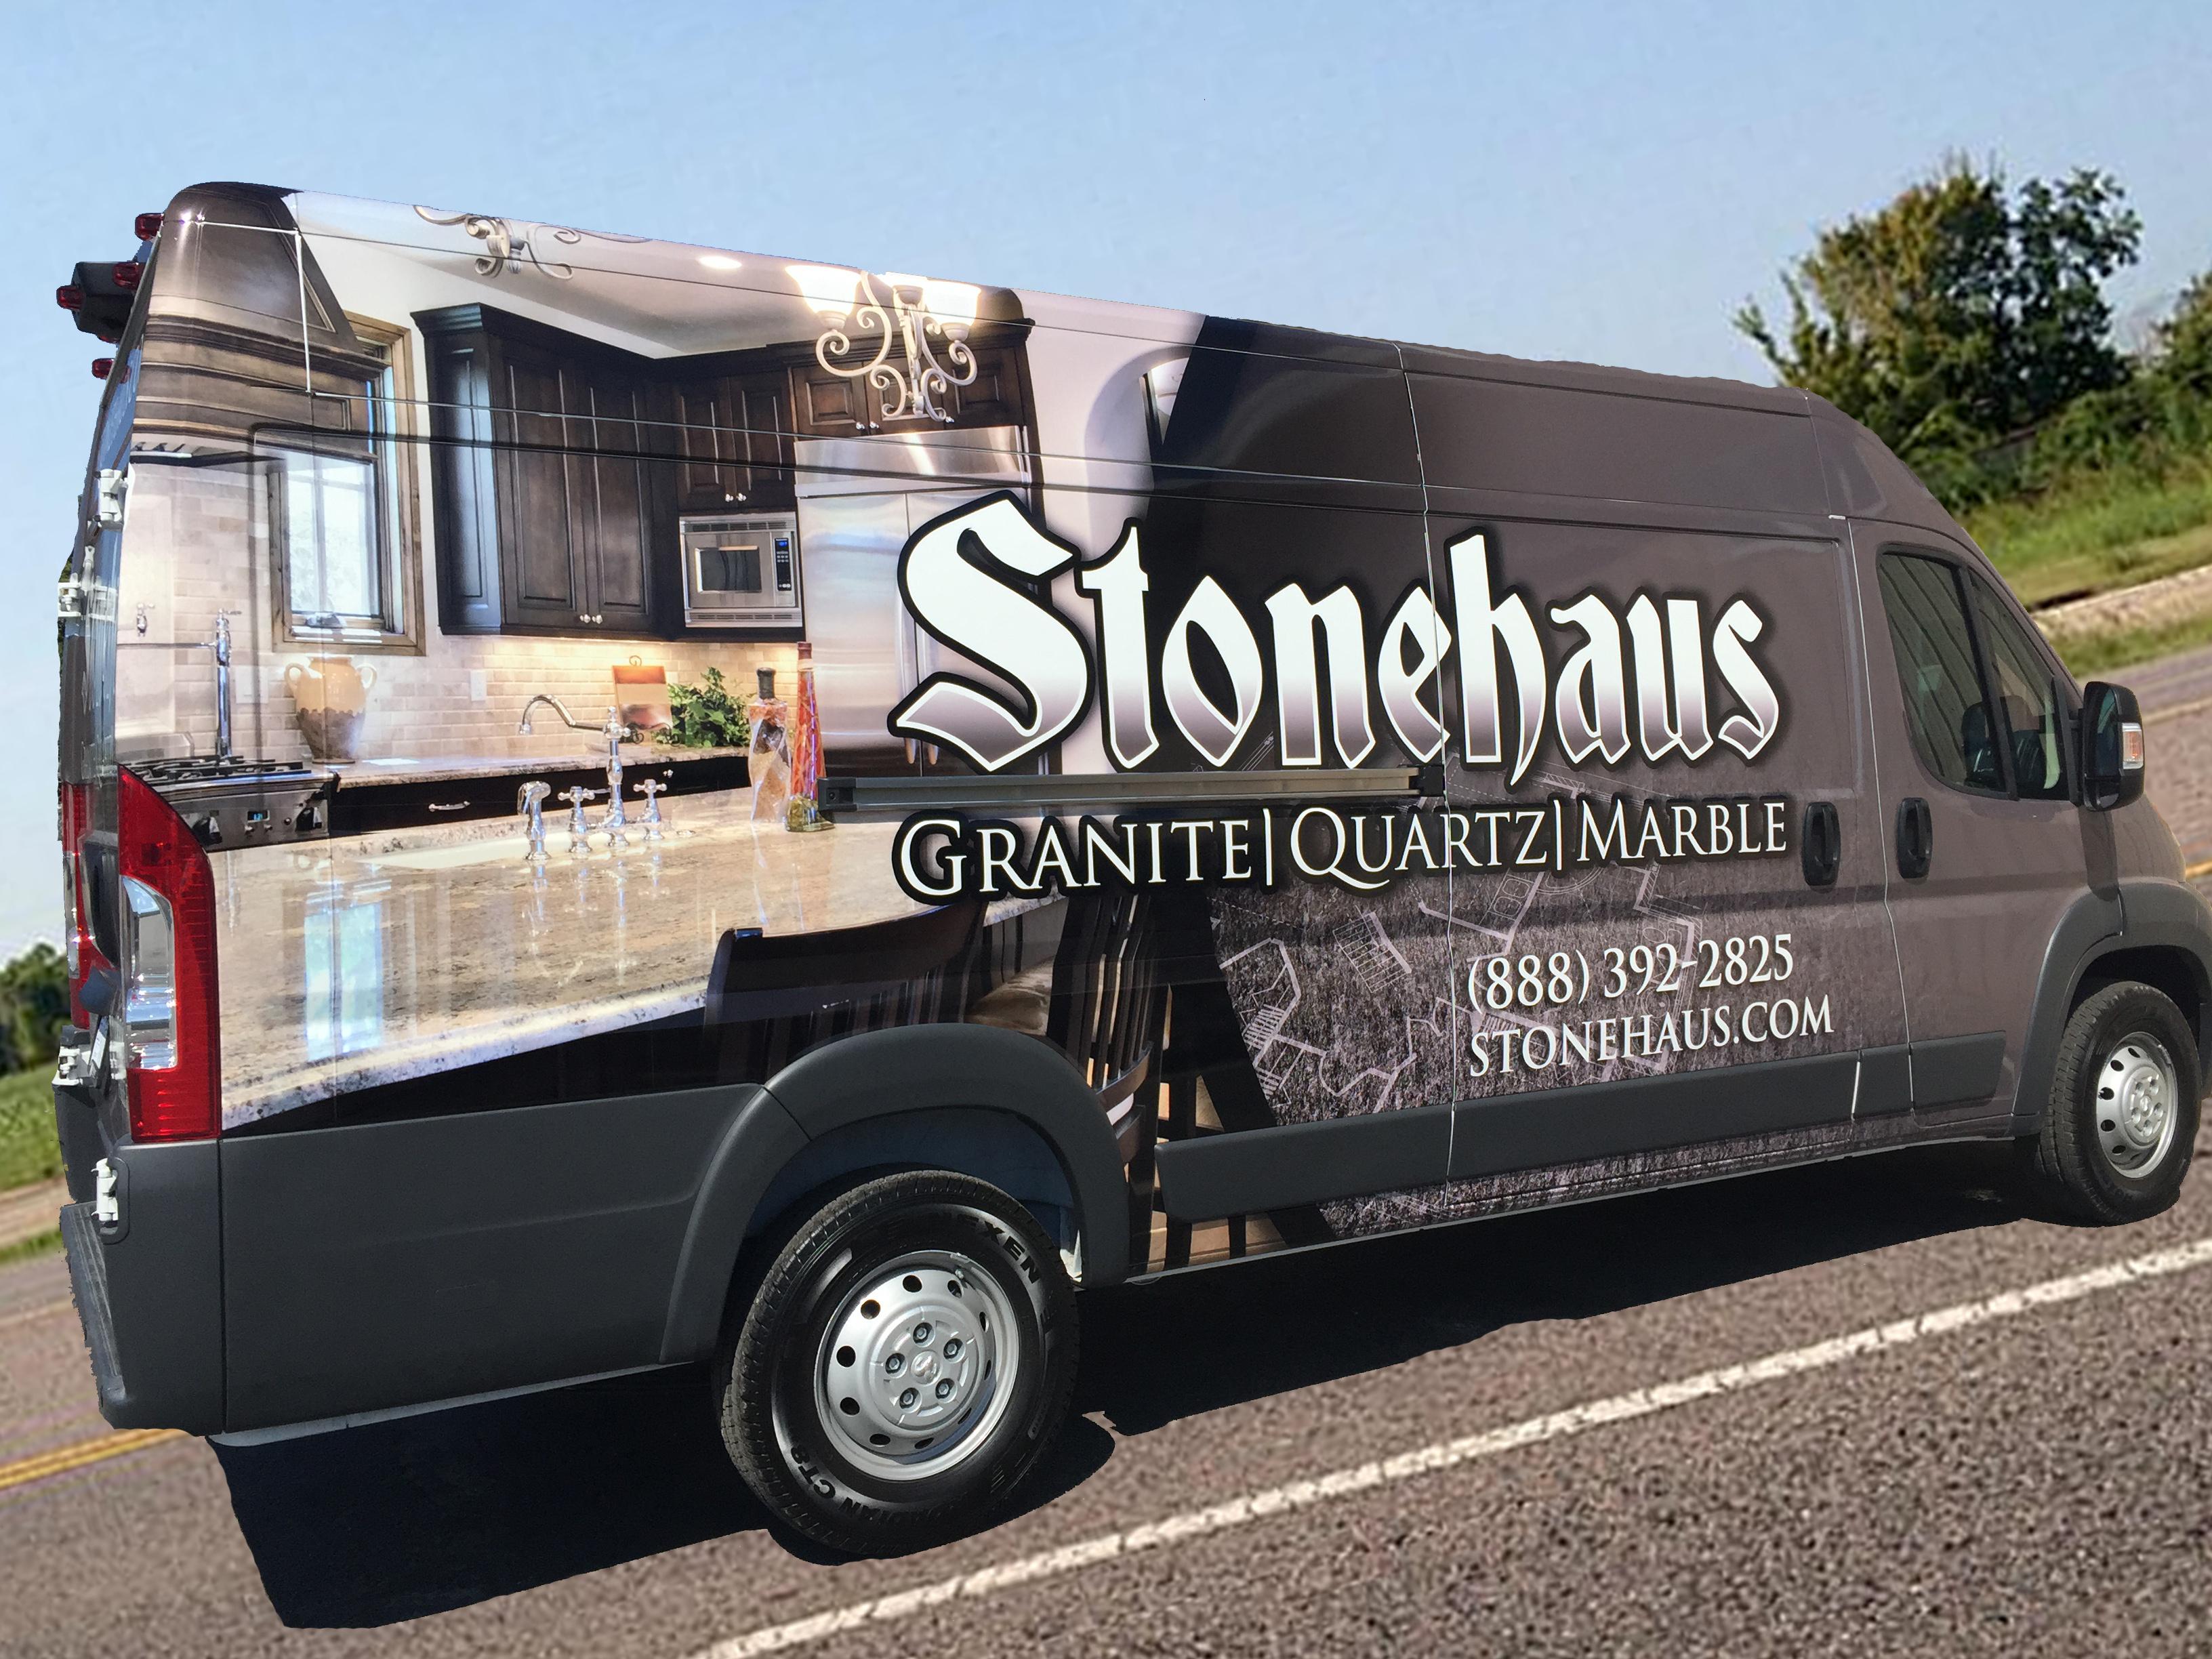 stonehaus van cut out